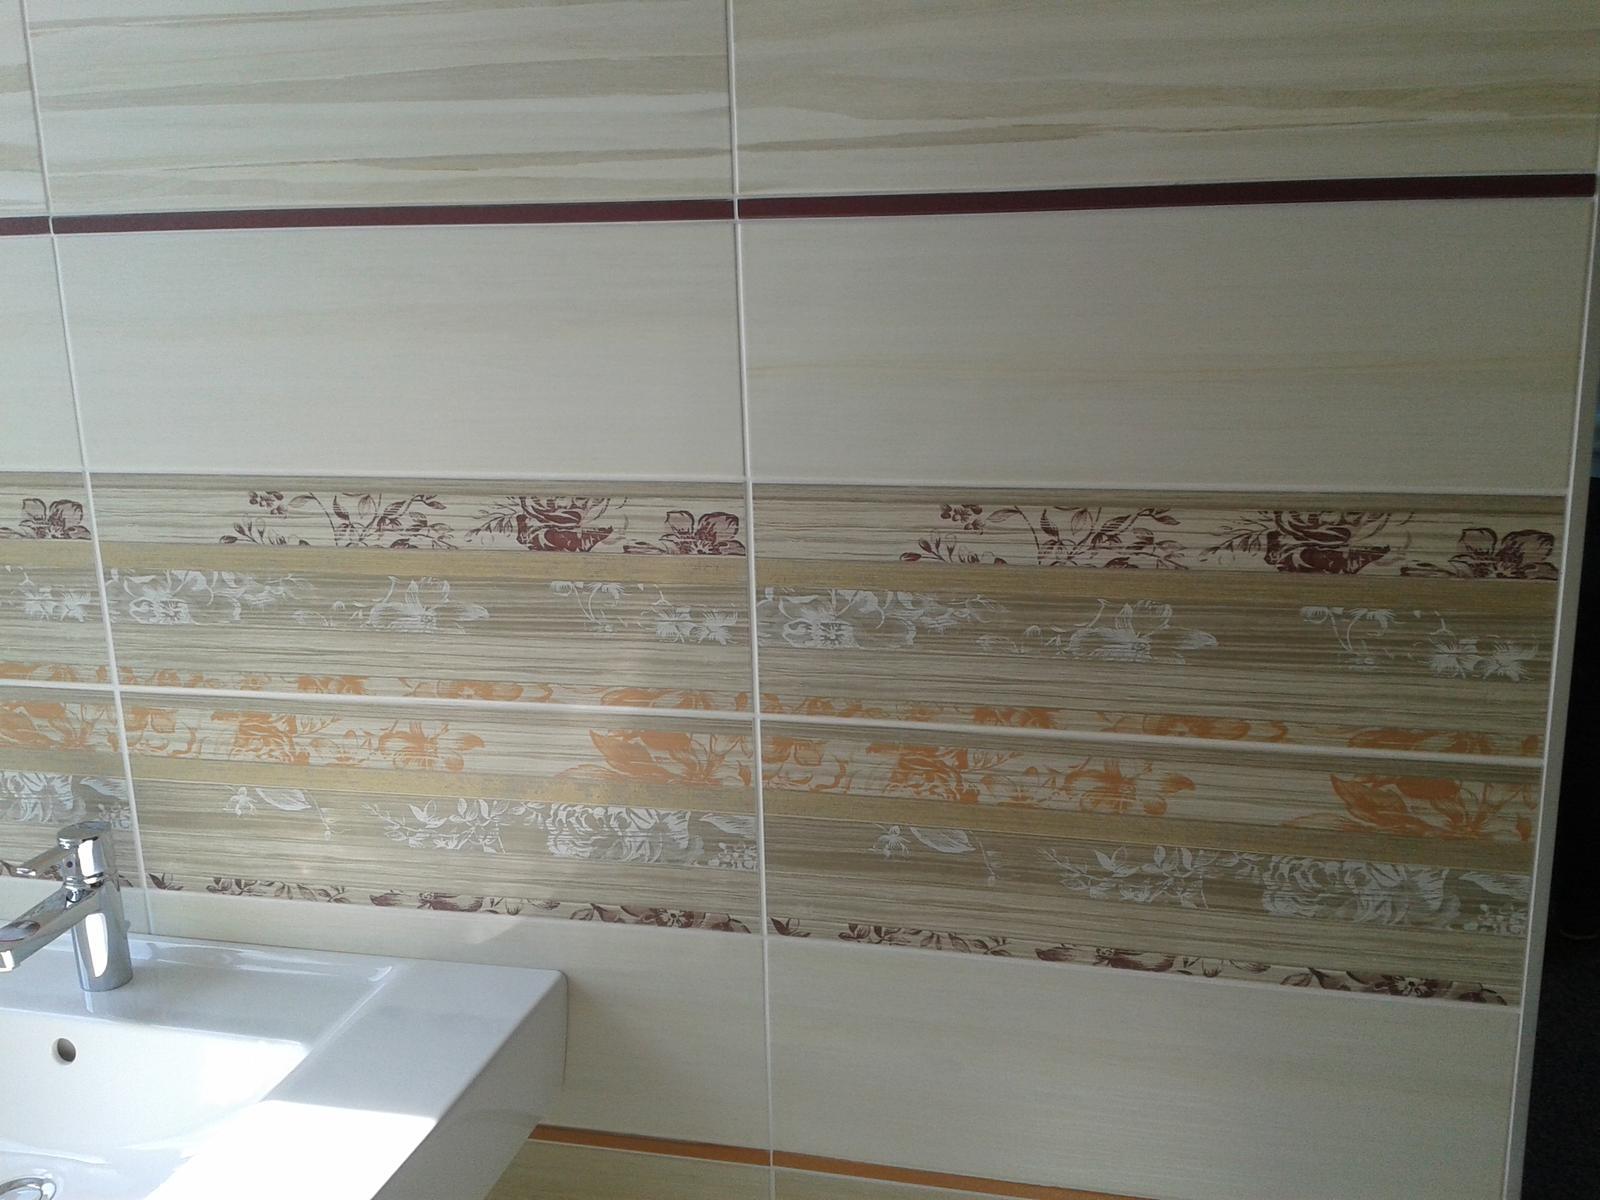 Mala panelakova koupelna - Obrázek č. 21